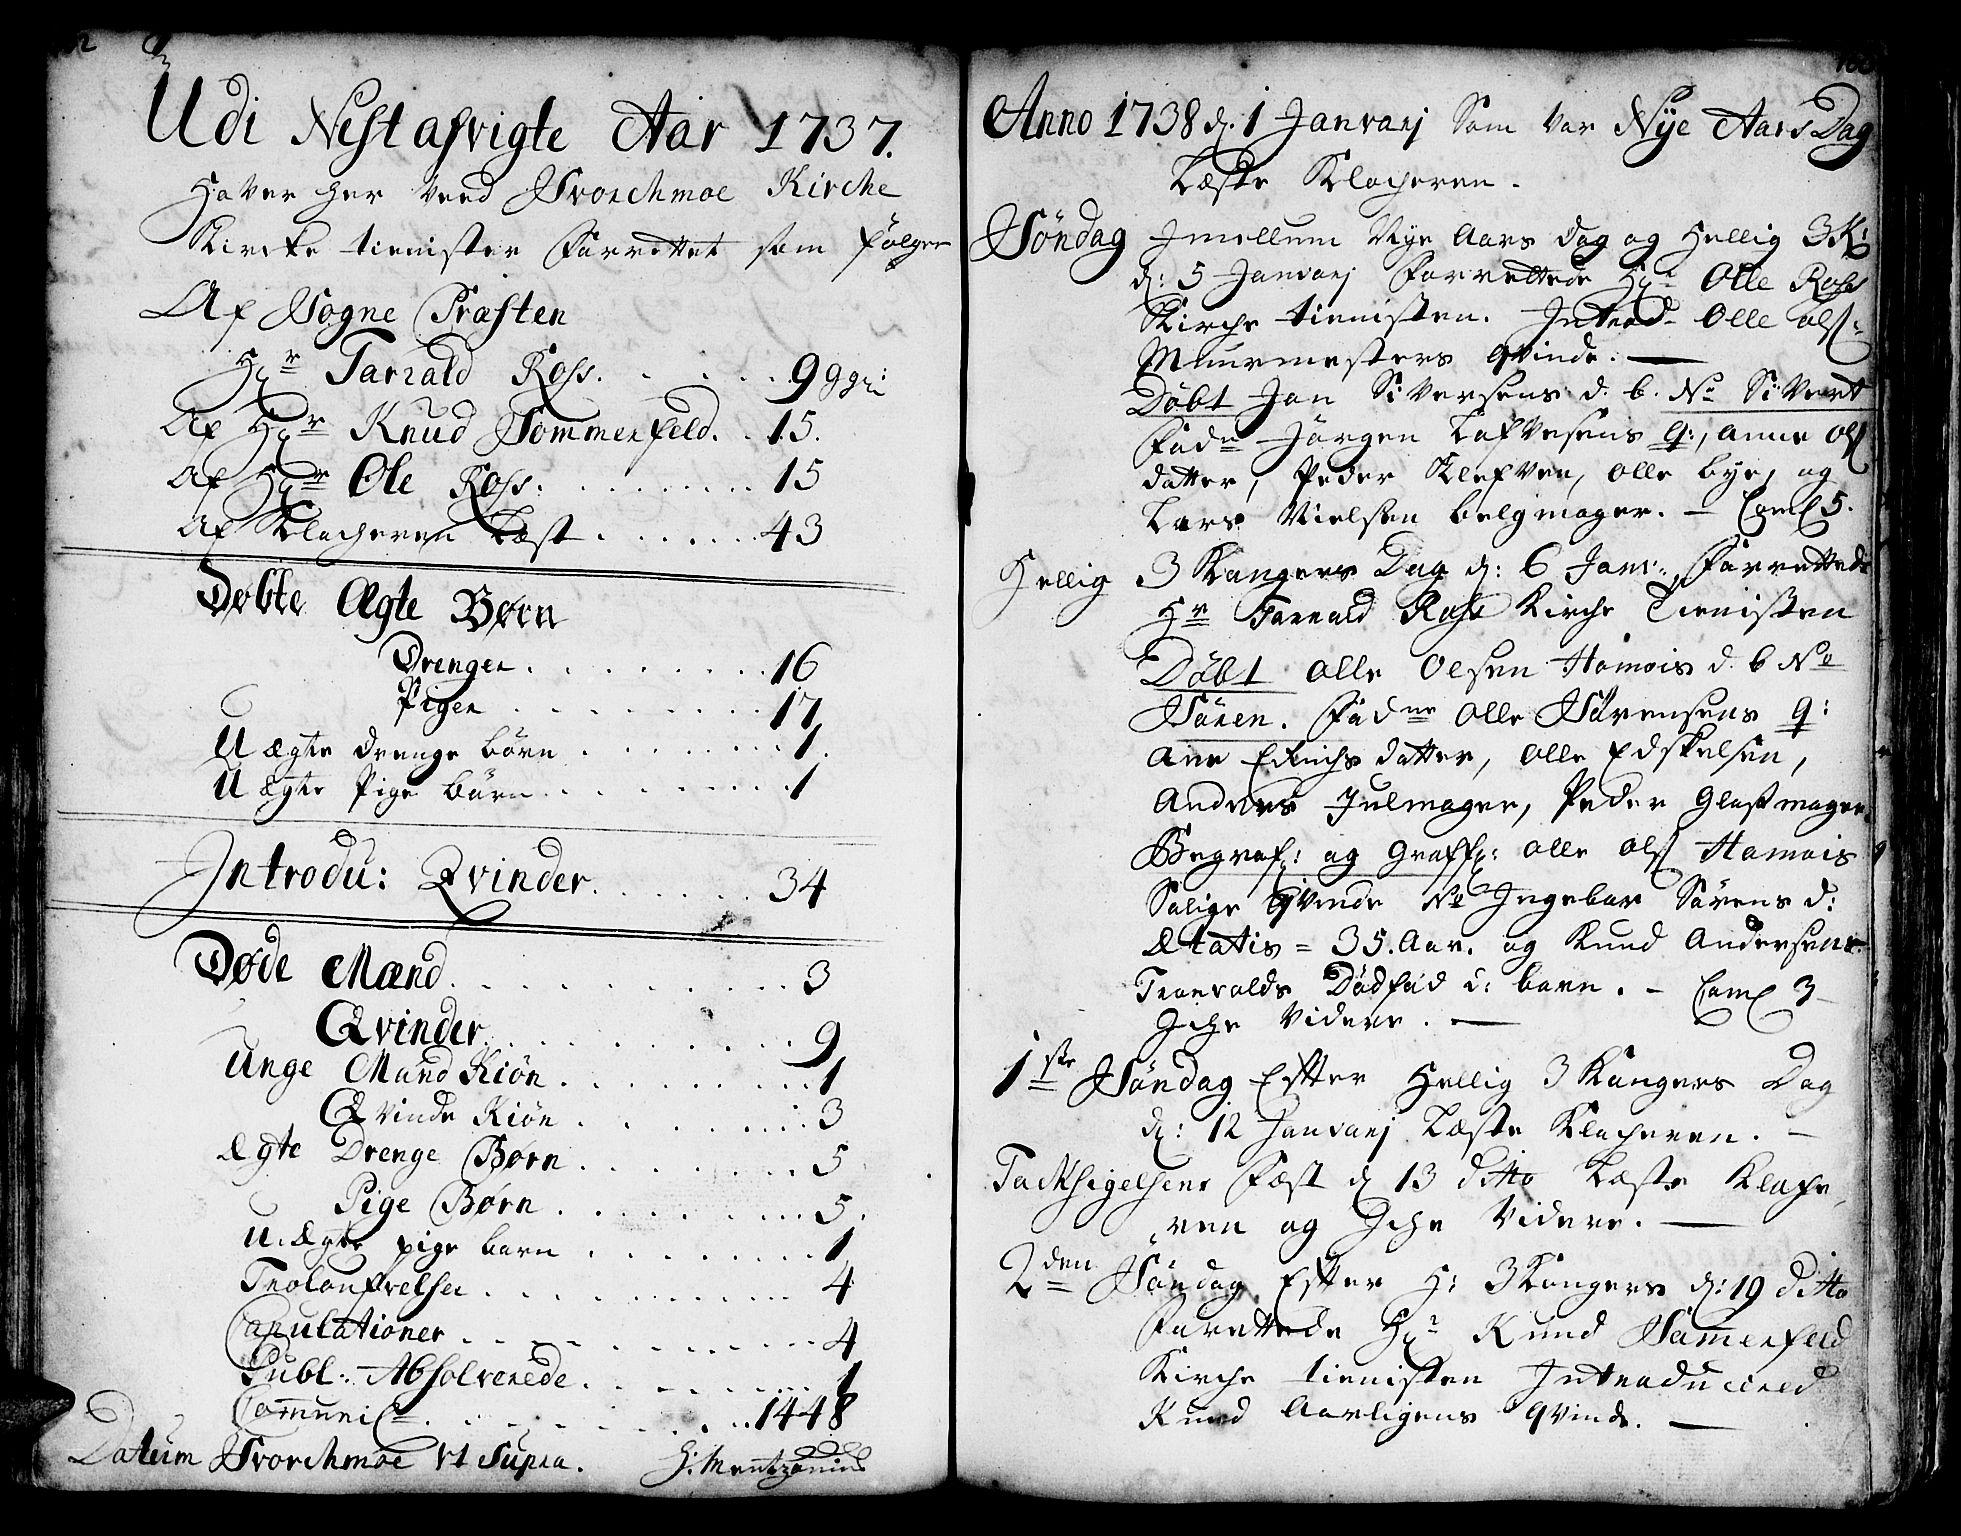 SAT, Ministerialprotokoller, klokkerbøker og fødselsregistre - Sør-Trøndelag, 671/L0839: Ministerialbok nr. 671A01, 1730-1755, s. 162-163